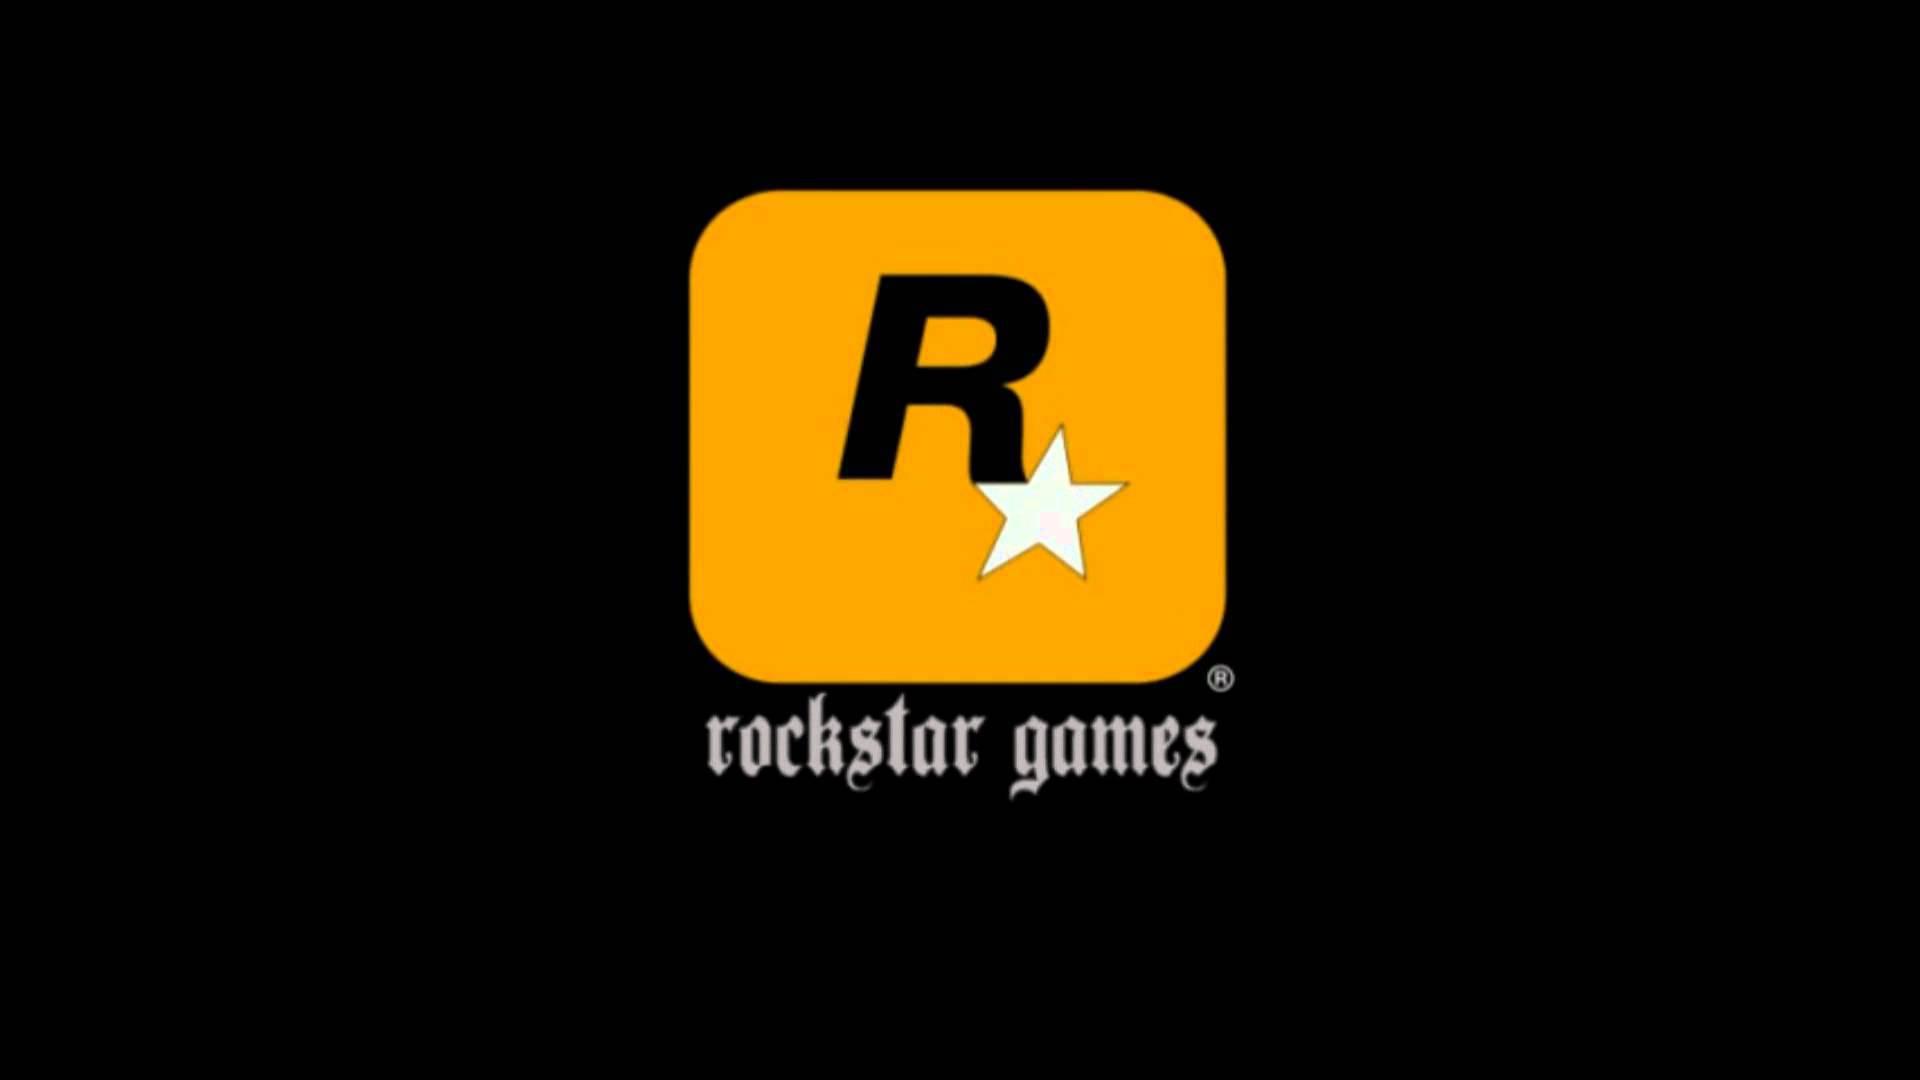 01:当年一位叫做Jeremy Blake的纽约艺术家设计了R星的logo